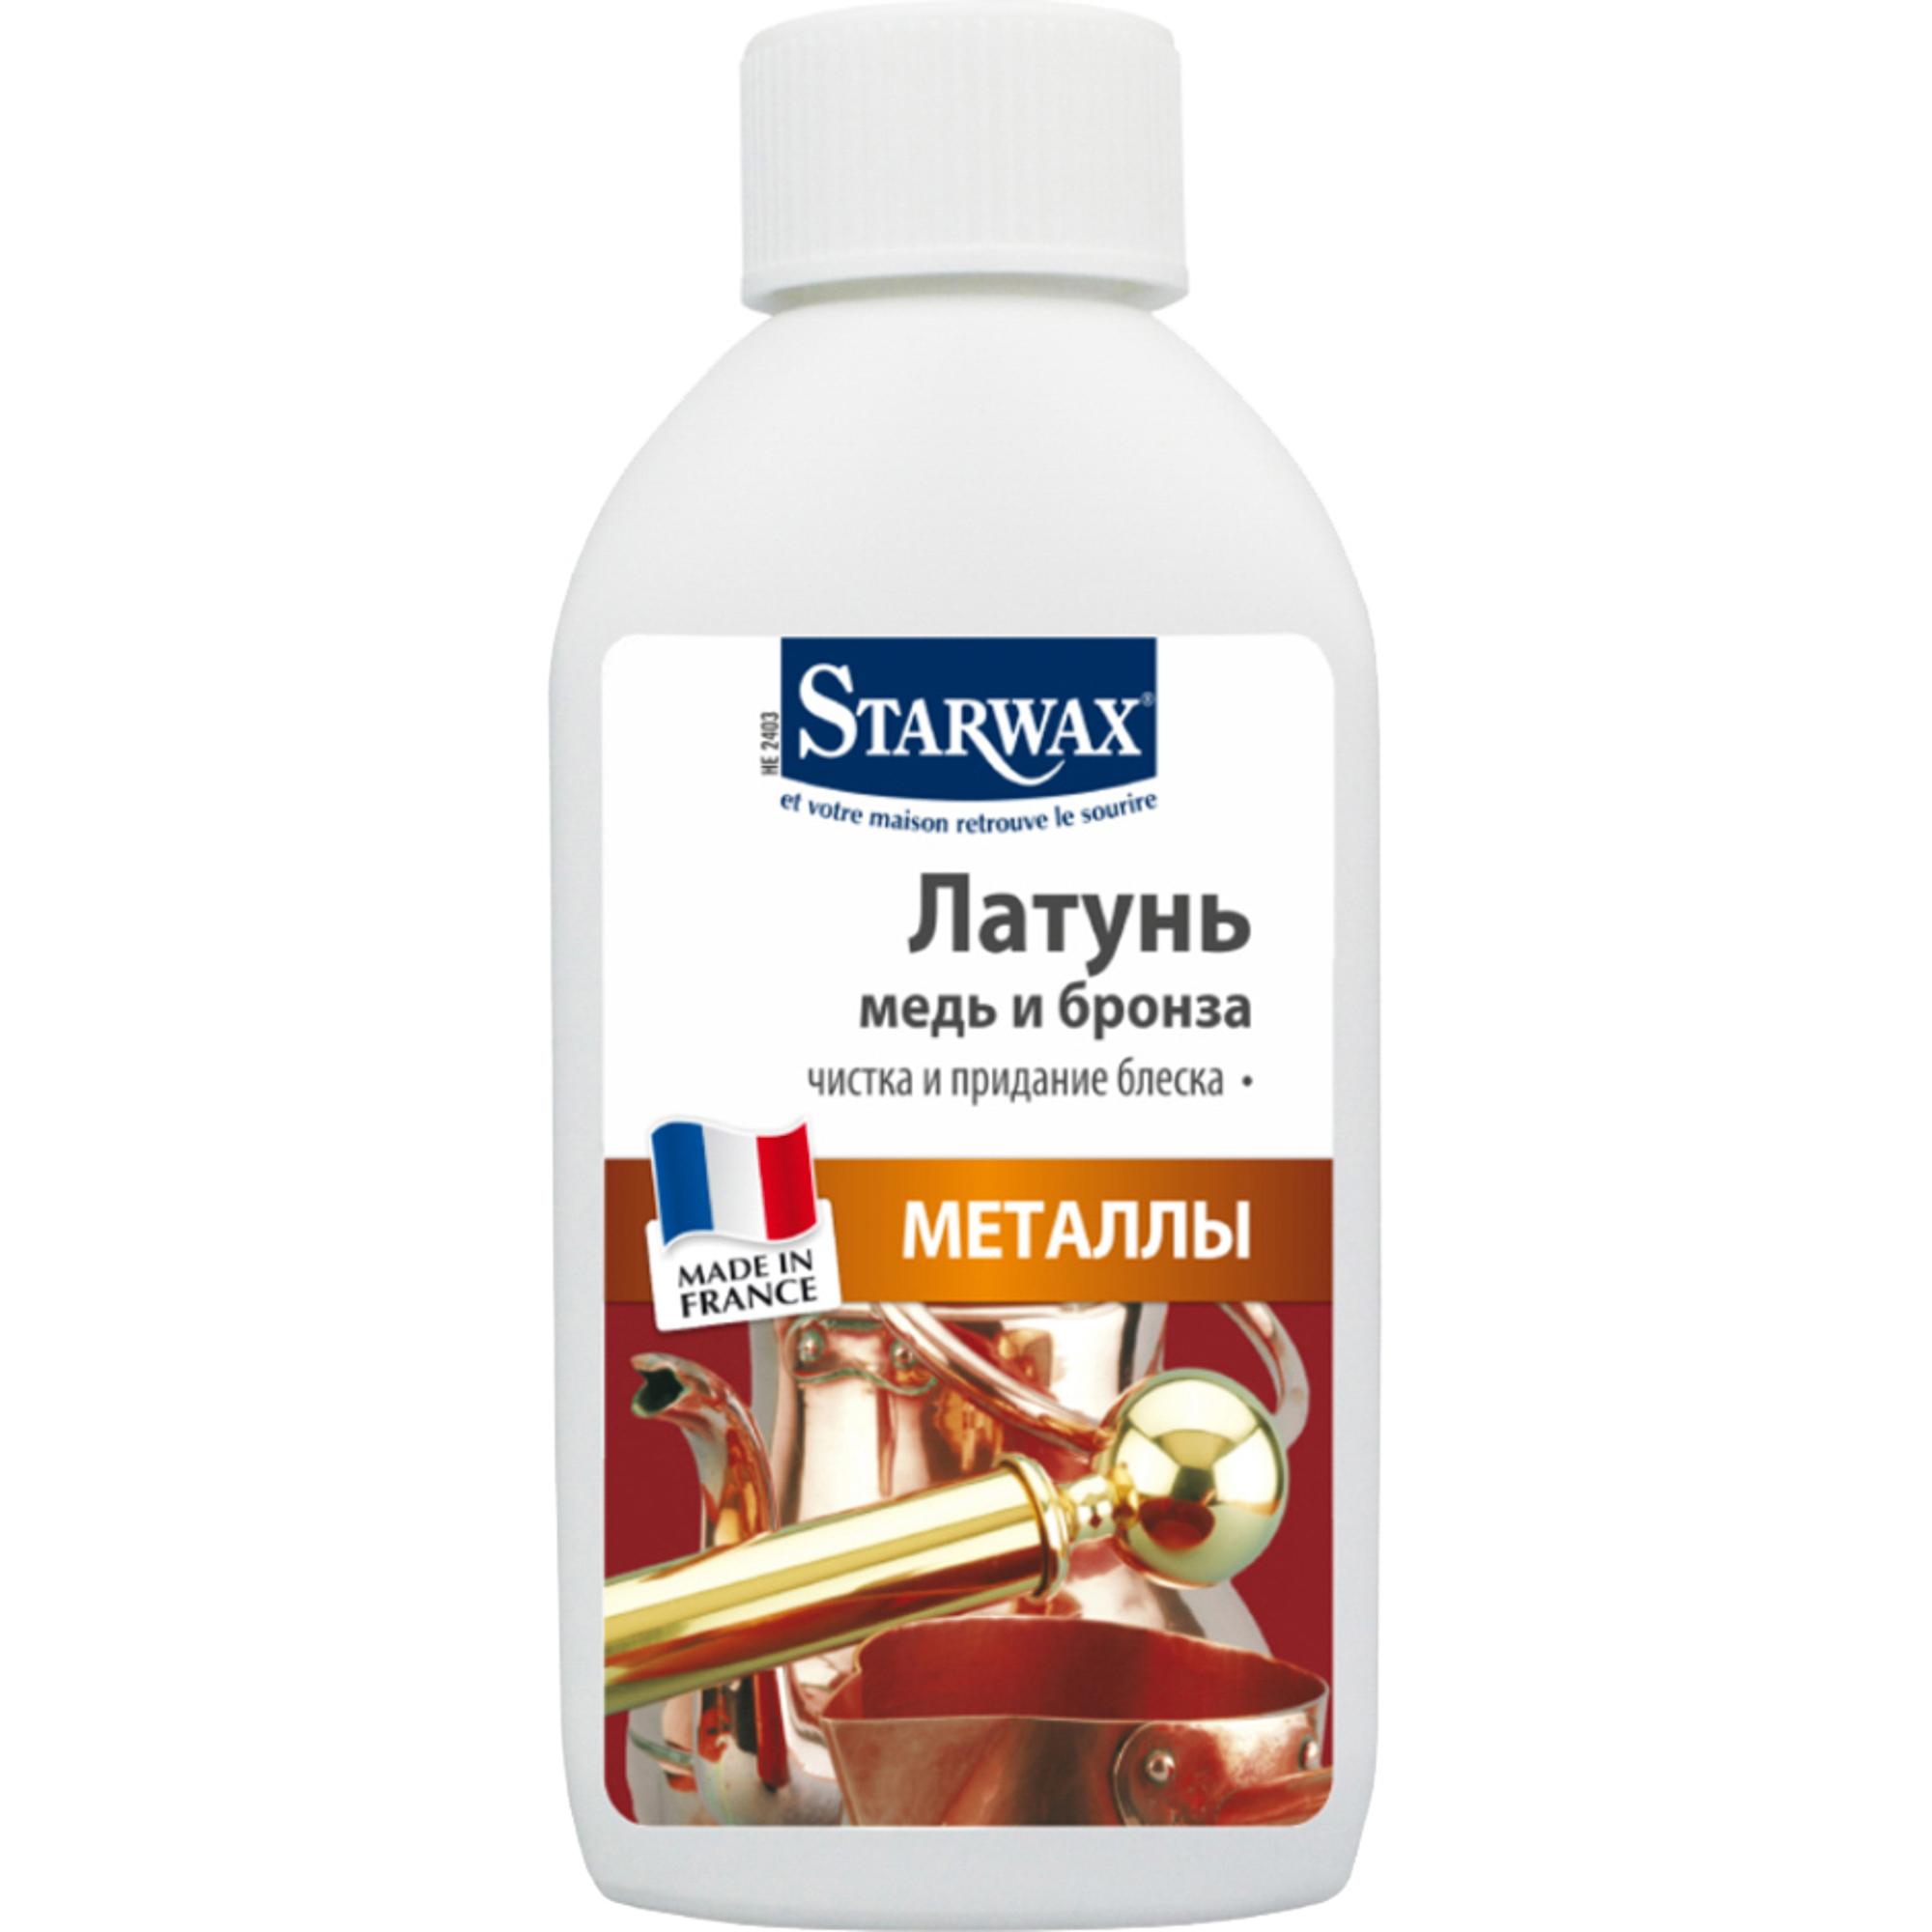 Средство Starwax Для чистки меди, латуни и бронзы 250 мл